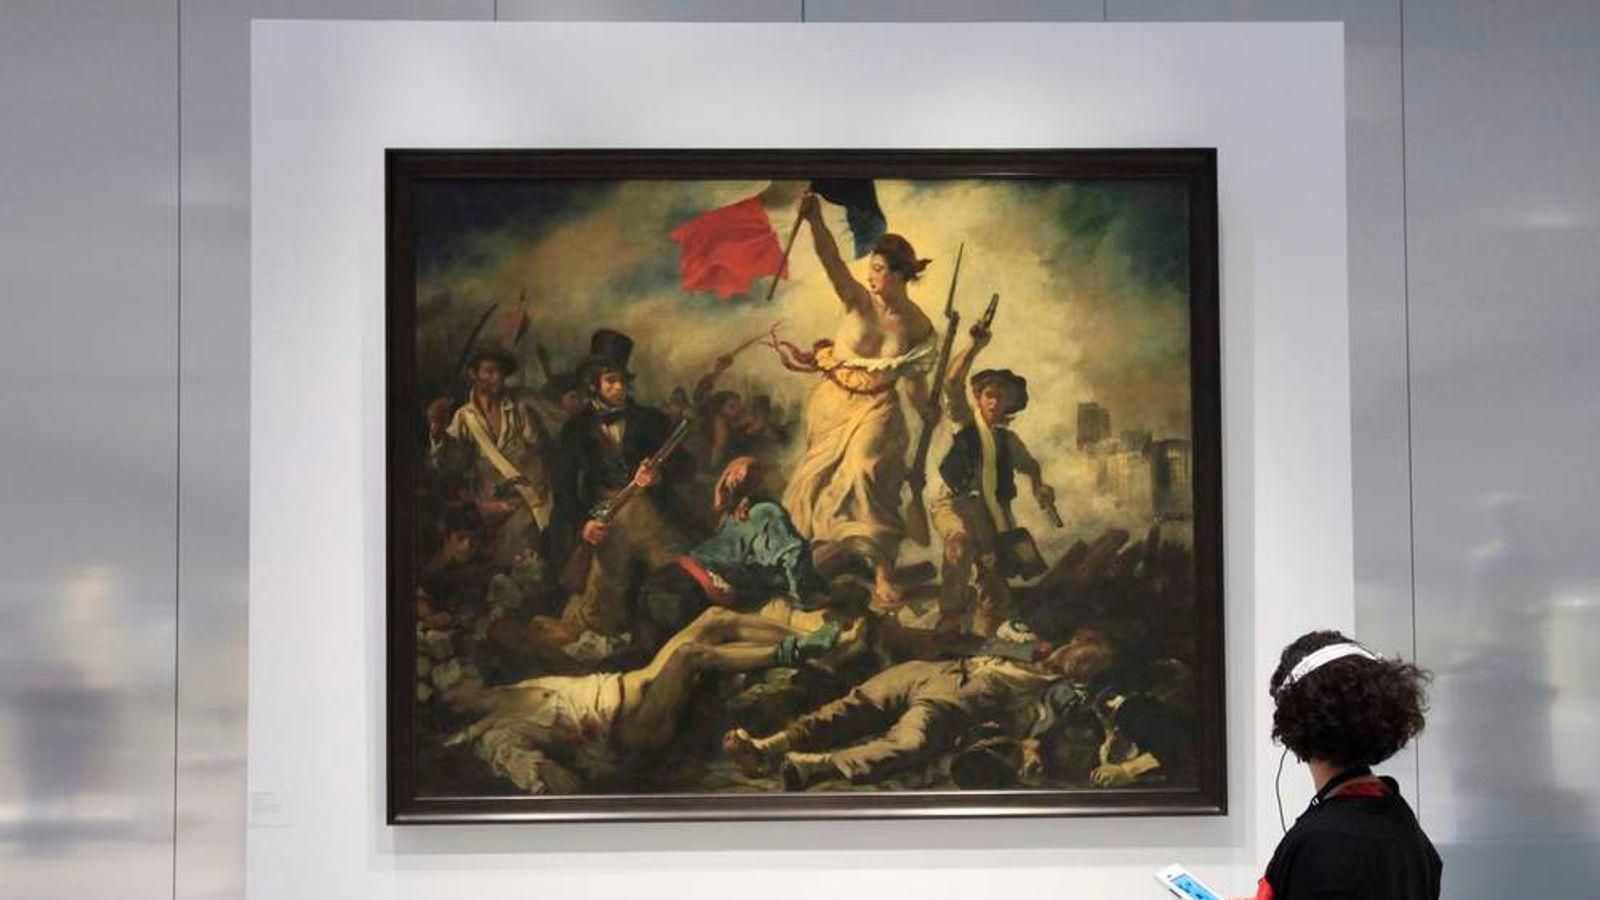 Woman Vandalises Louvre Delacroix Painting Ents Arts News